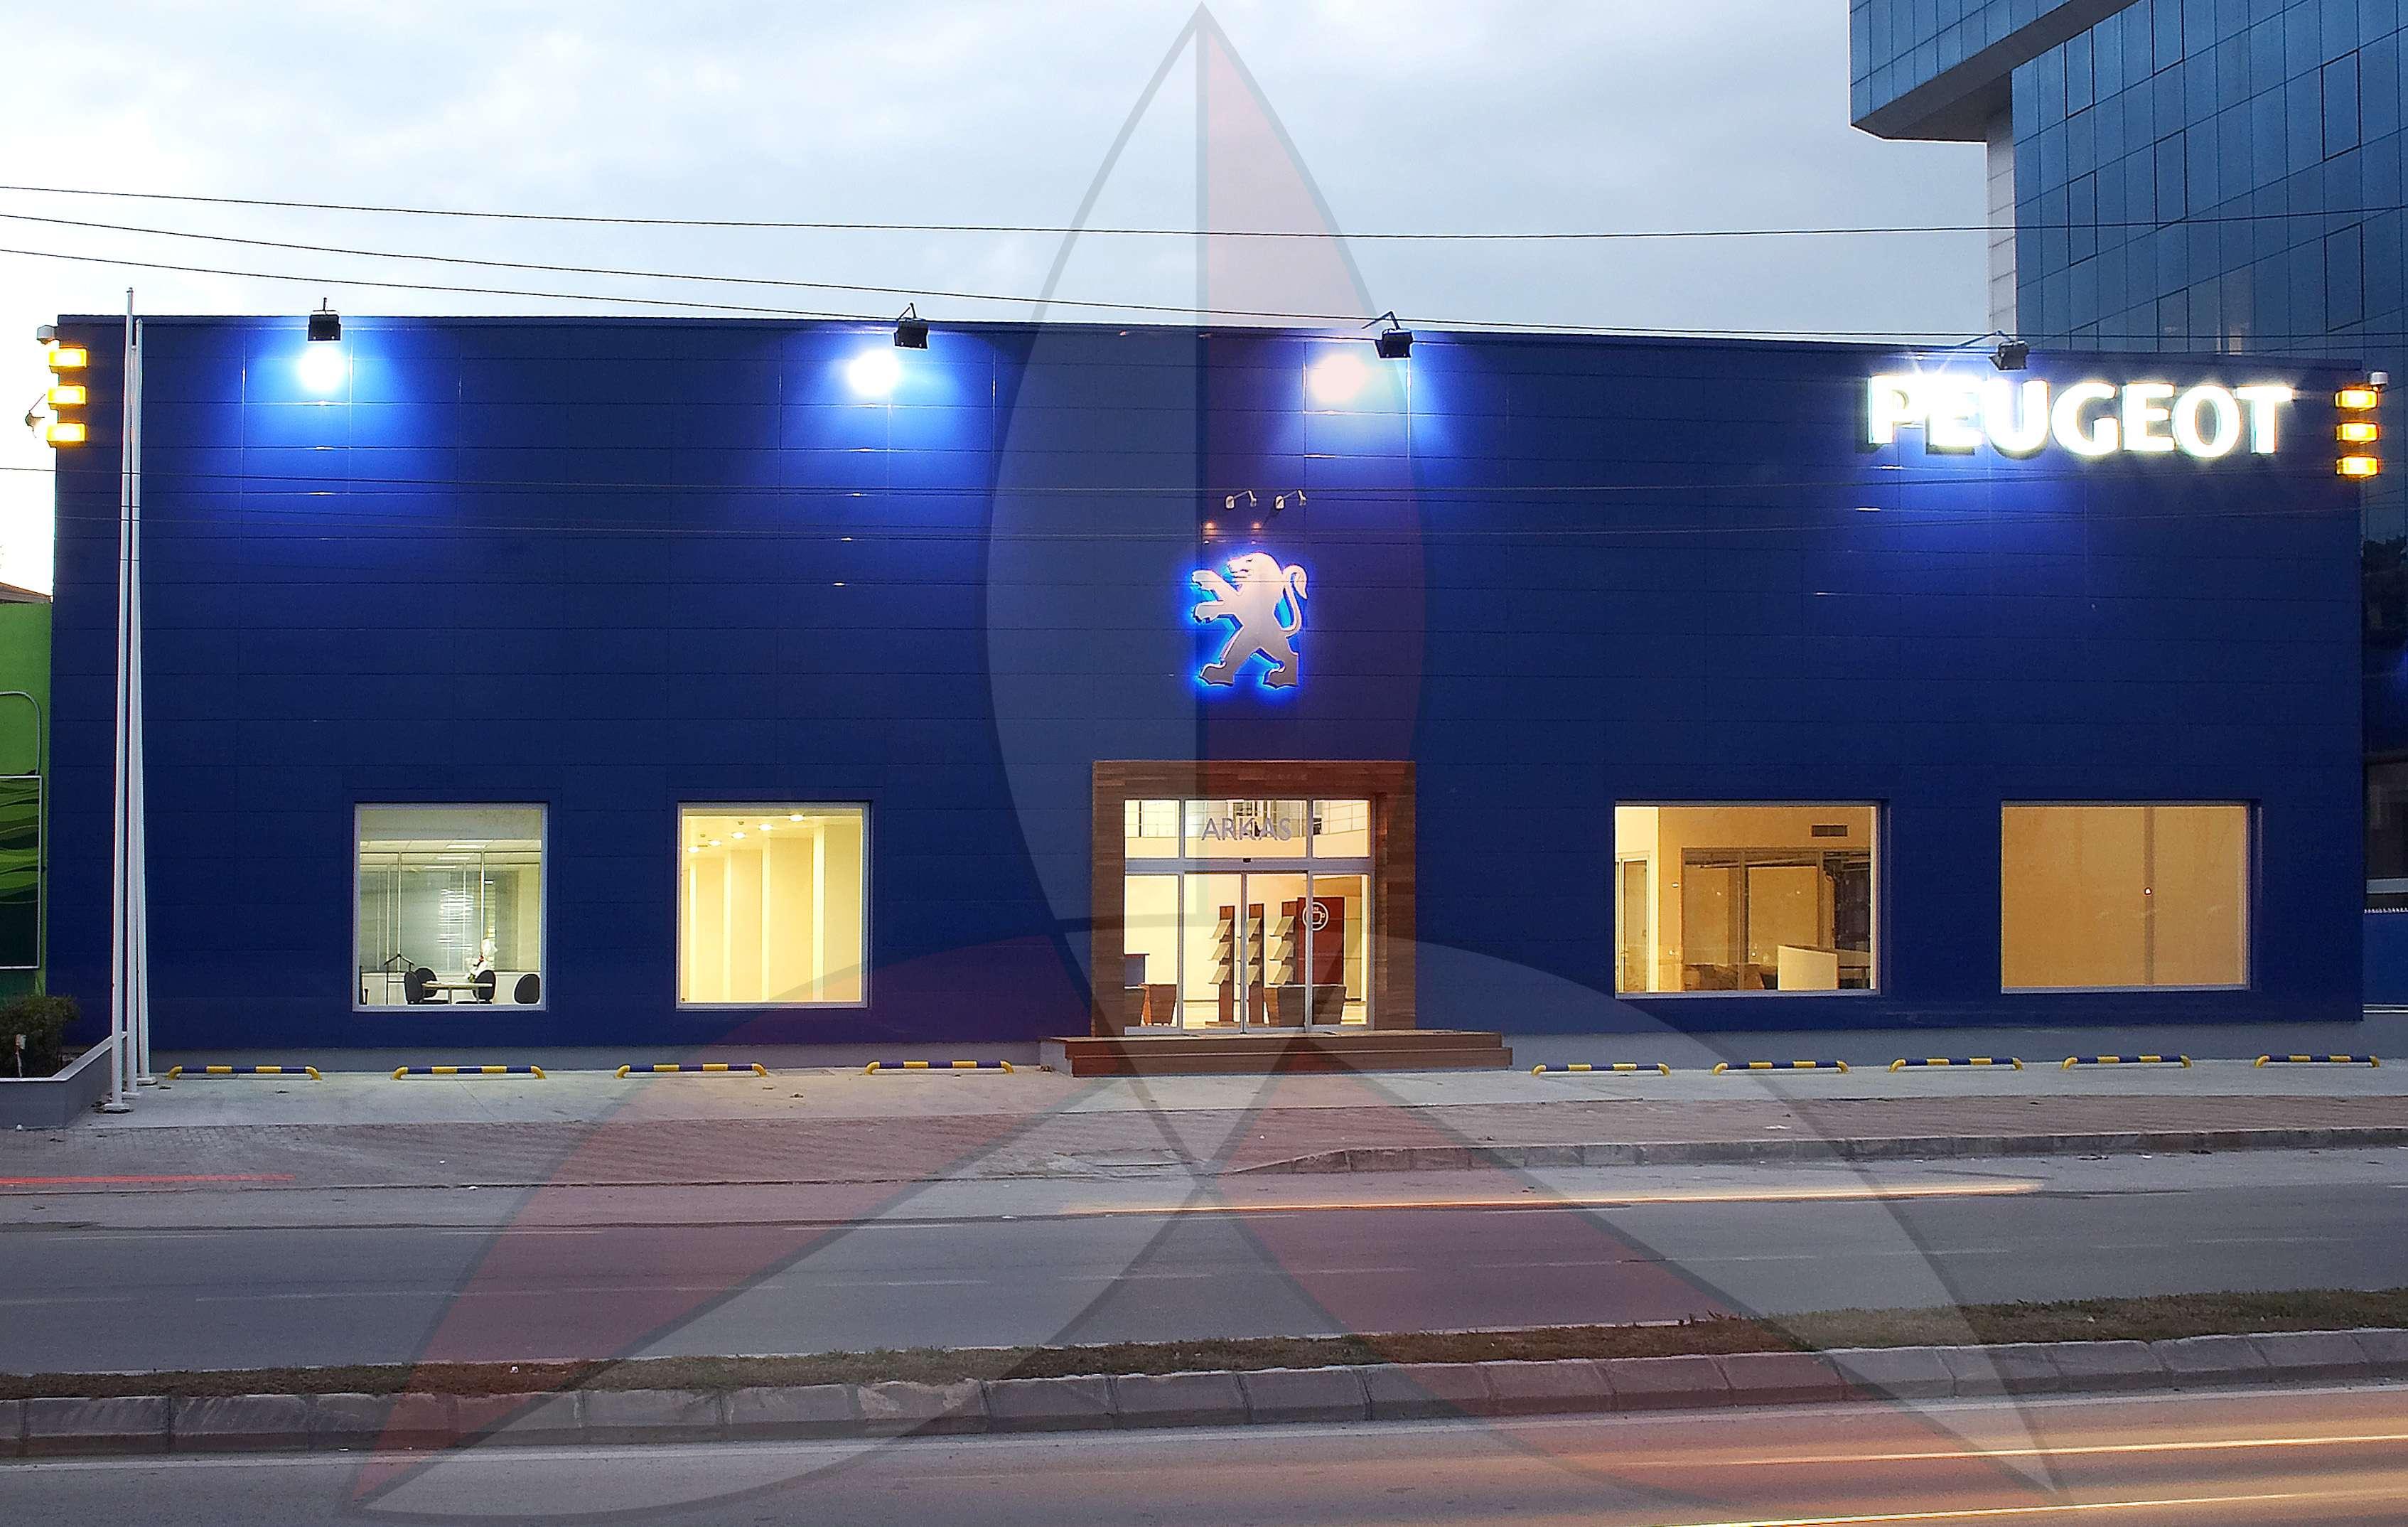 Peugeot Izmir Gaziemir Showroom & Servis Building